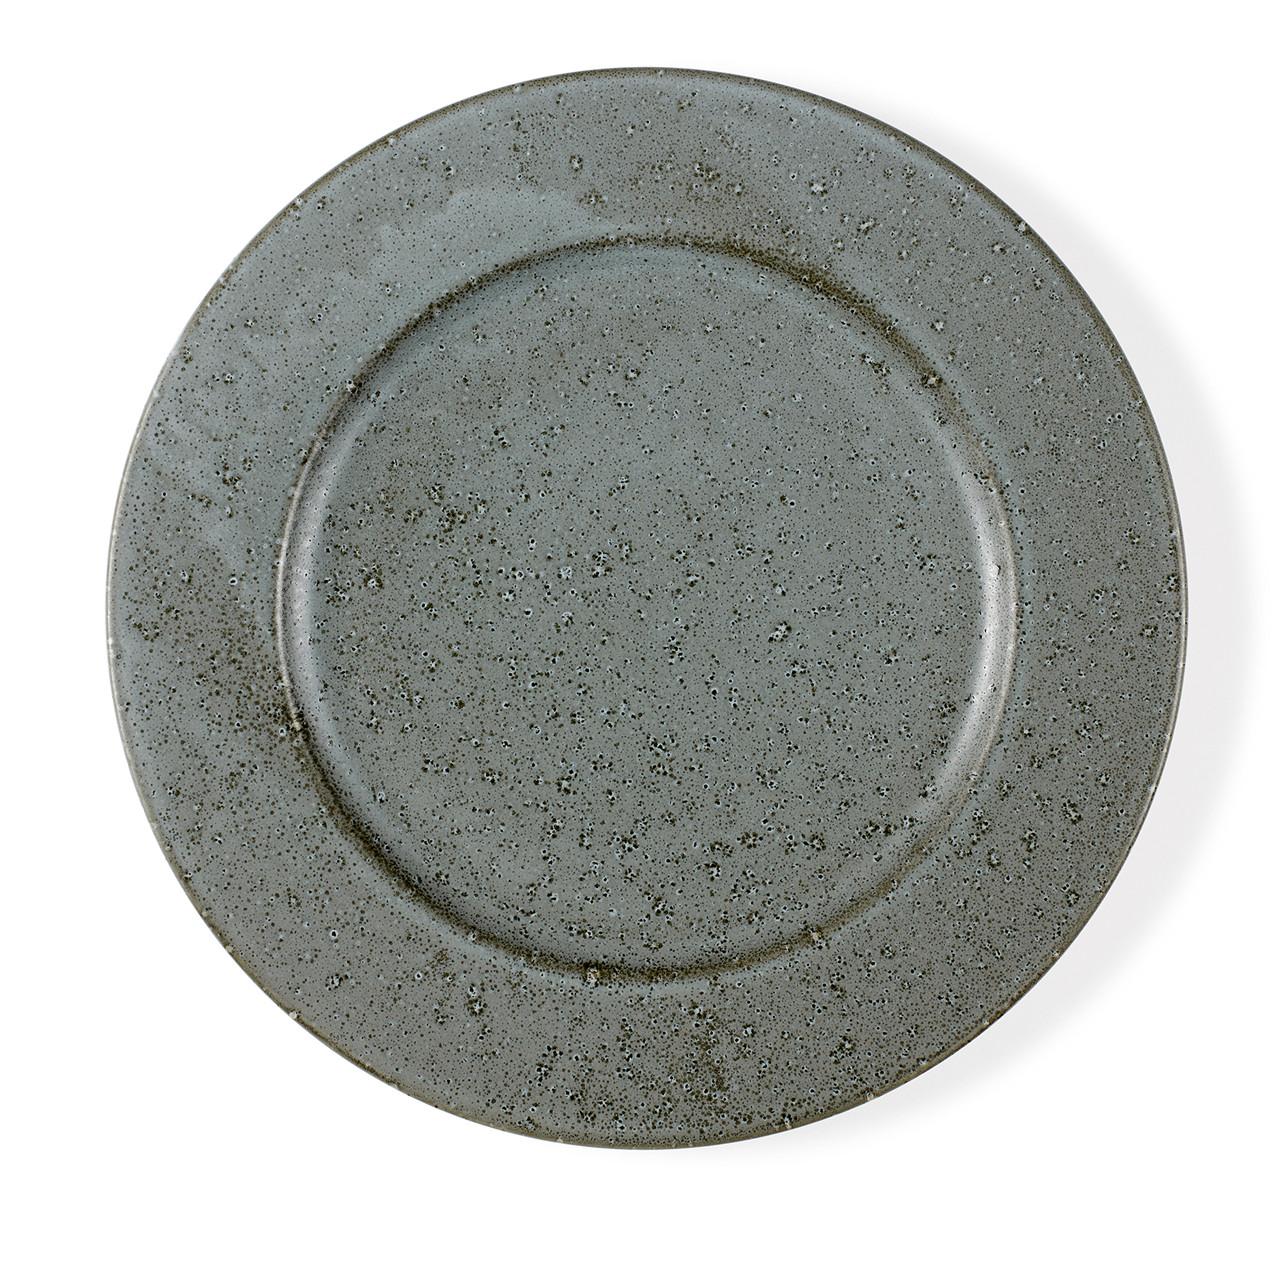 Bitz tallerken 27 cm grå stentøj » Køb her